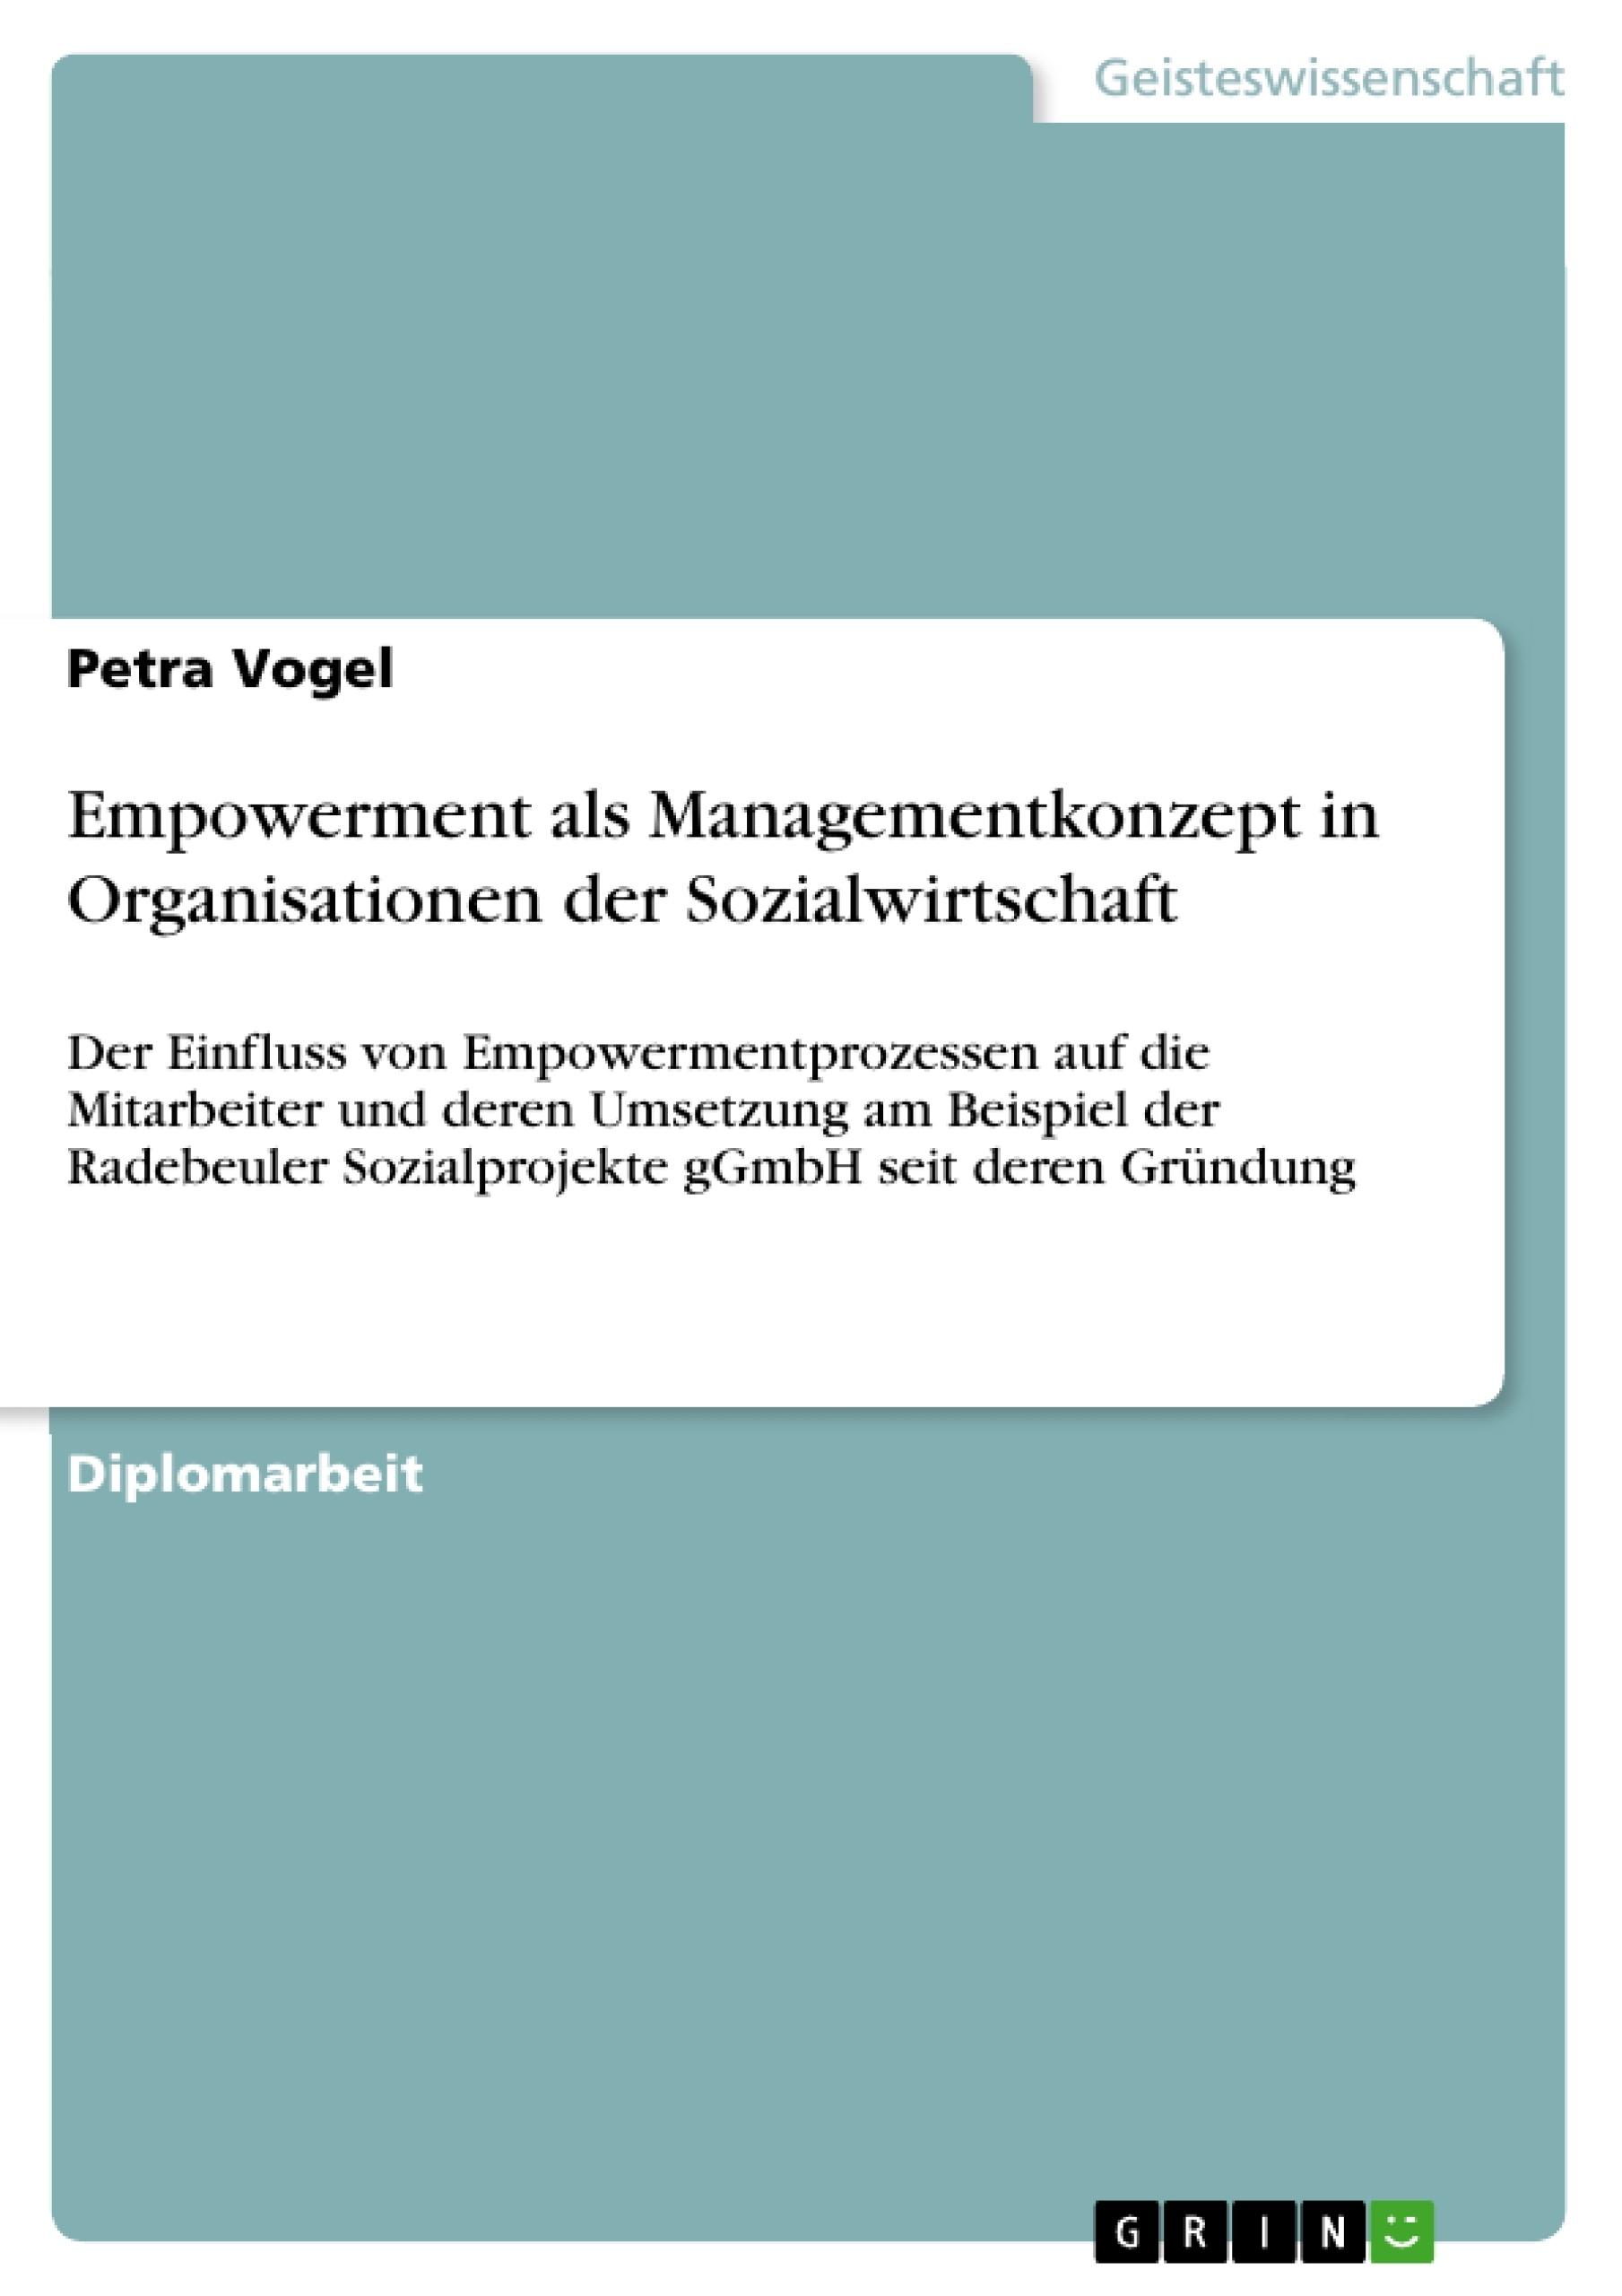 Titel: Empowerment als Managementkonzept in Organisationen der Sozialwirtschaft